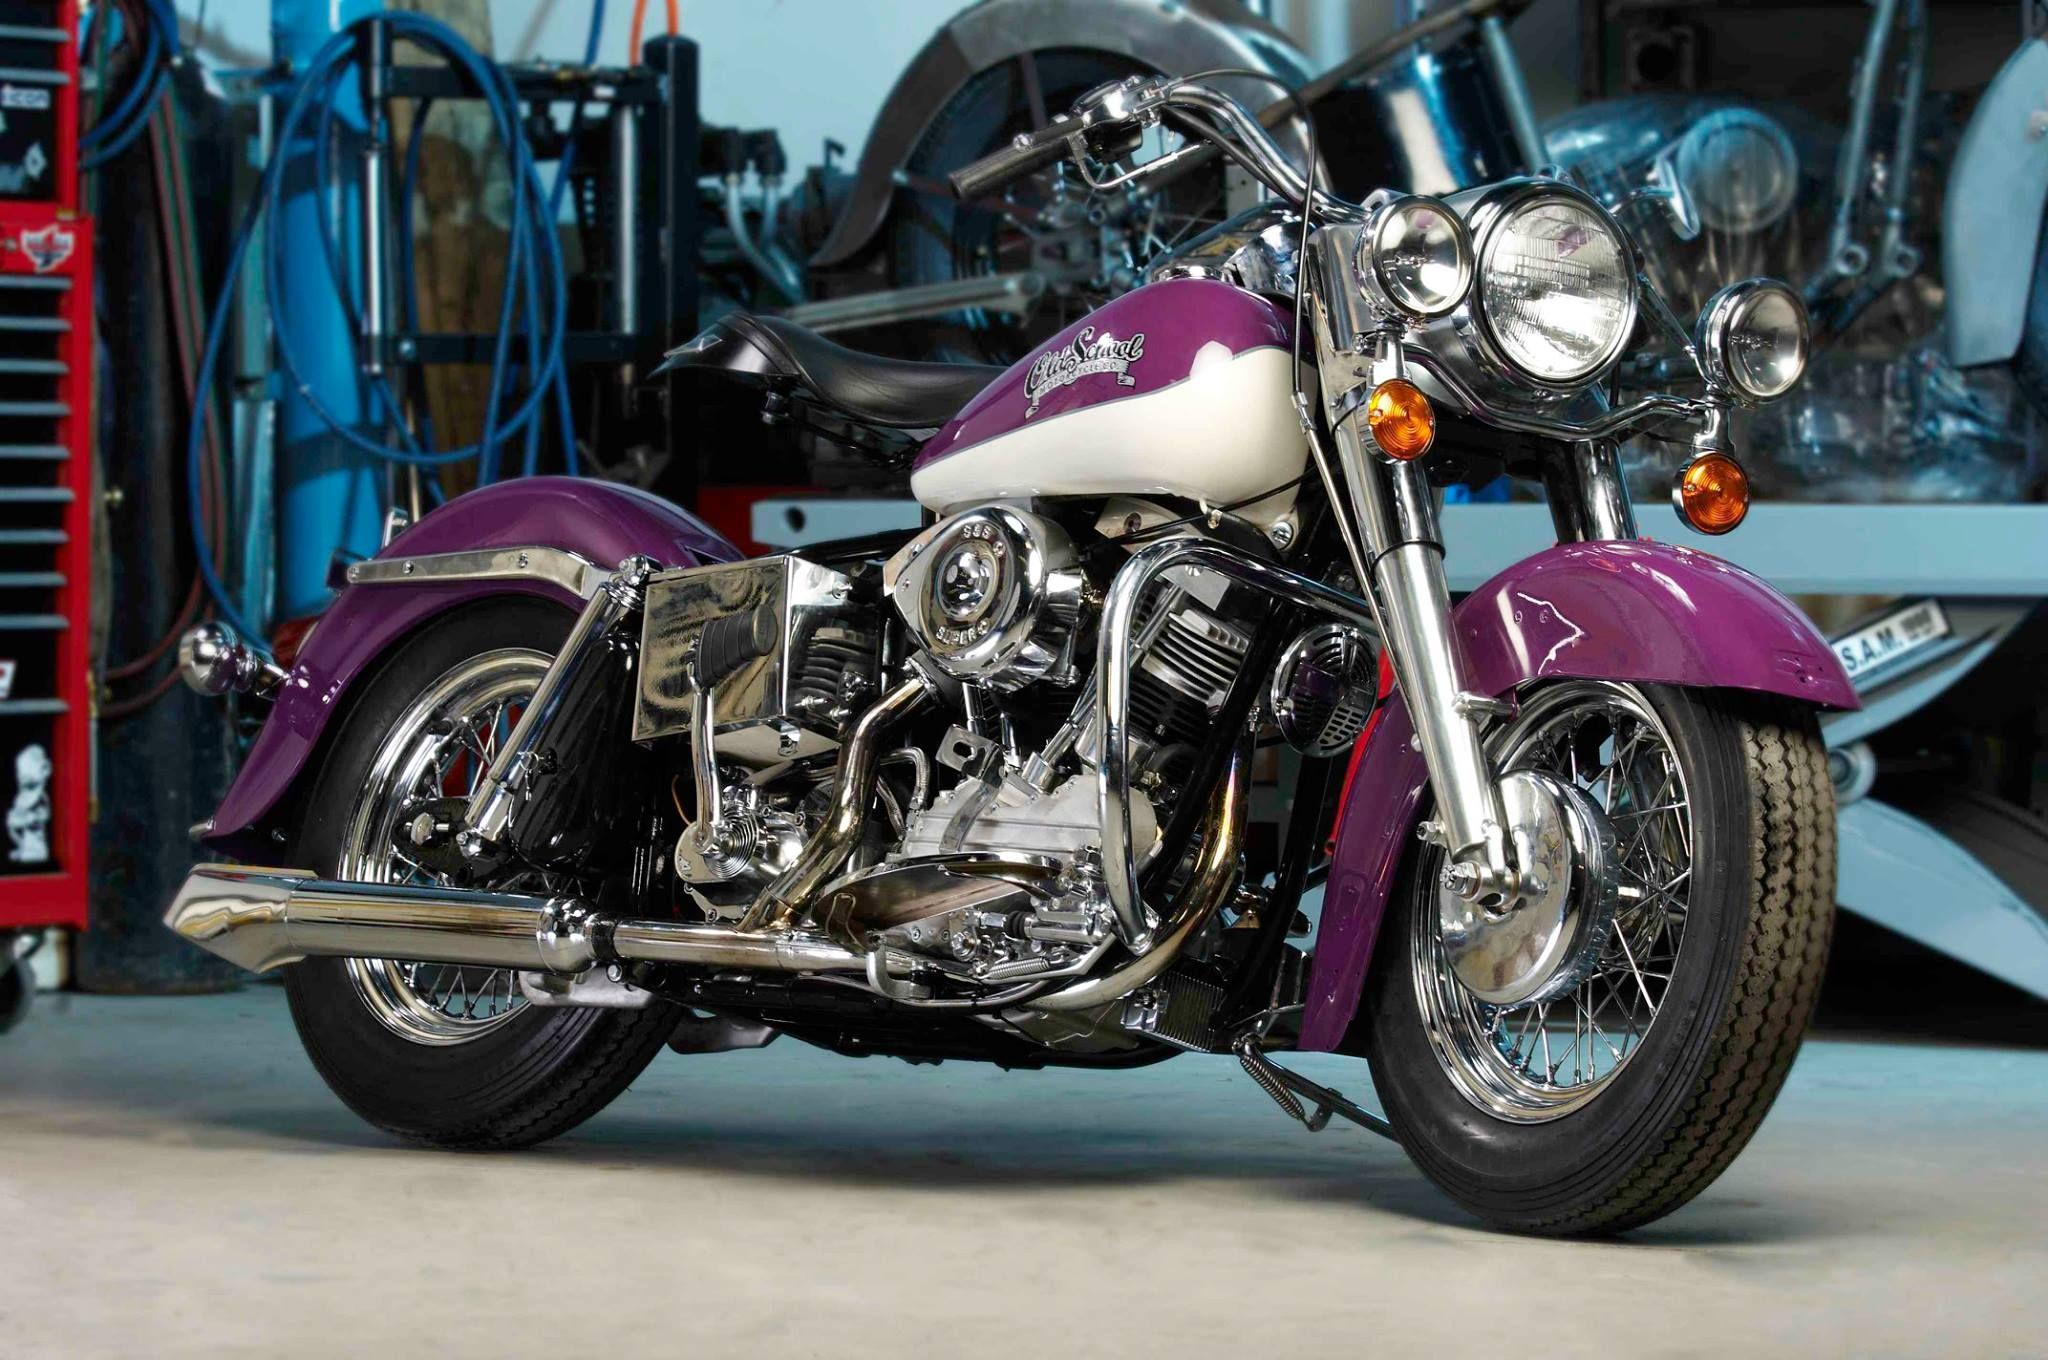 Old School Purple American Motorcycle Old School Motorcycles